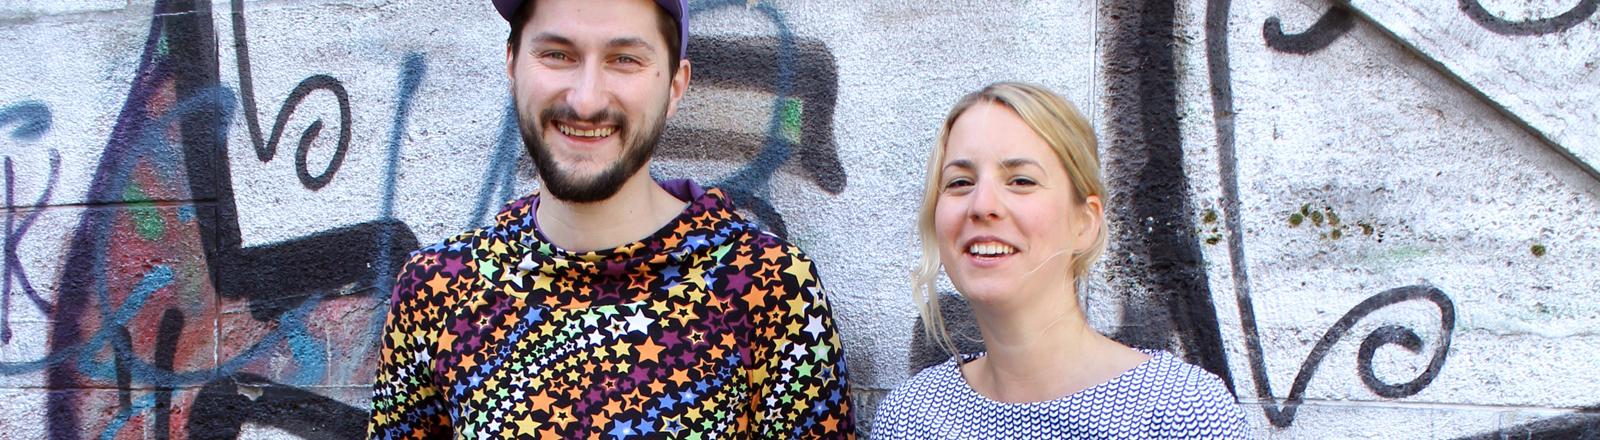 Zwei Studierende tragen Pullis aus einem Algen-Material